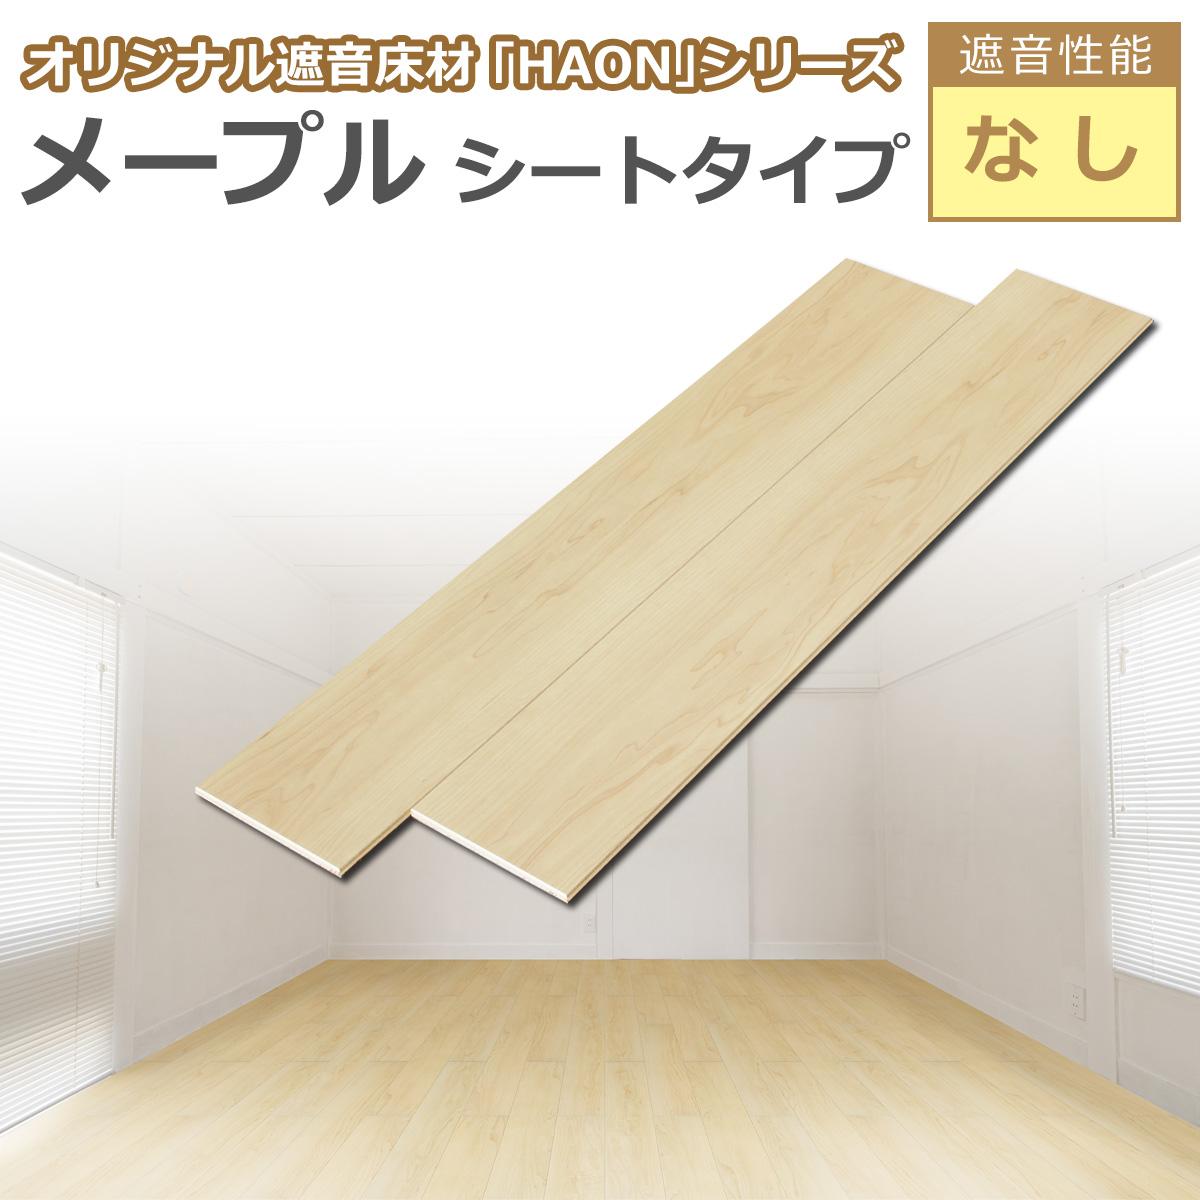 オリジナル遮音床材「HAON」シリーズ メープル シートタイプ 遮音性能なし